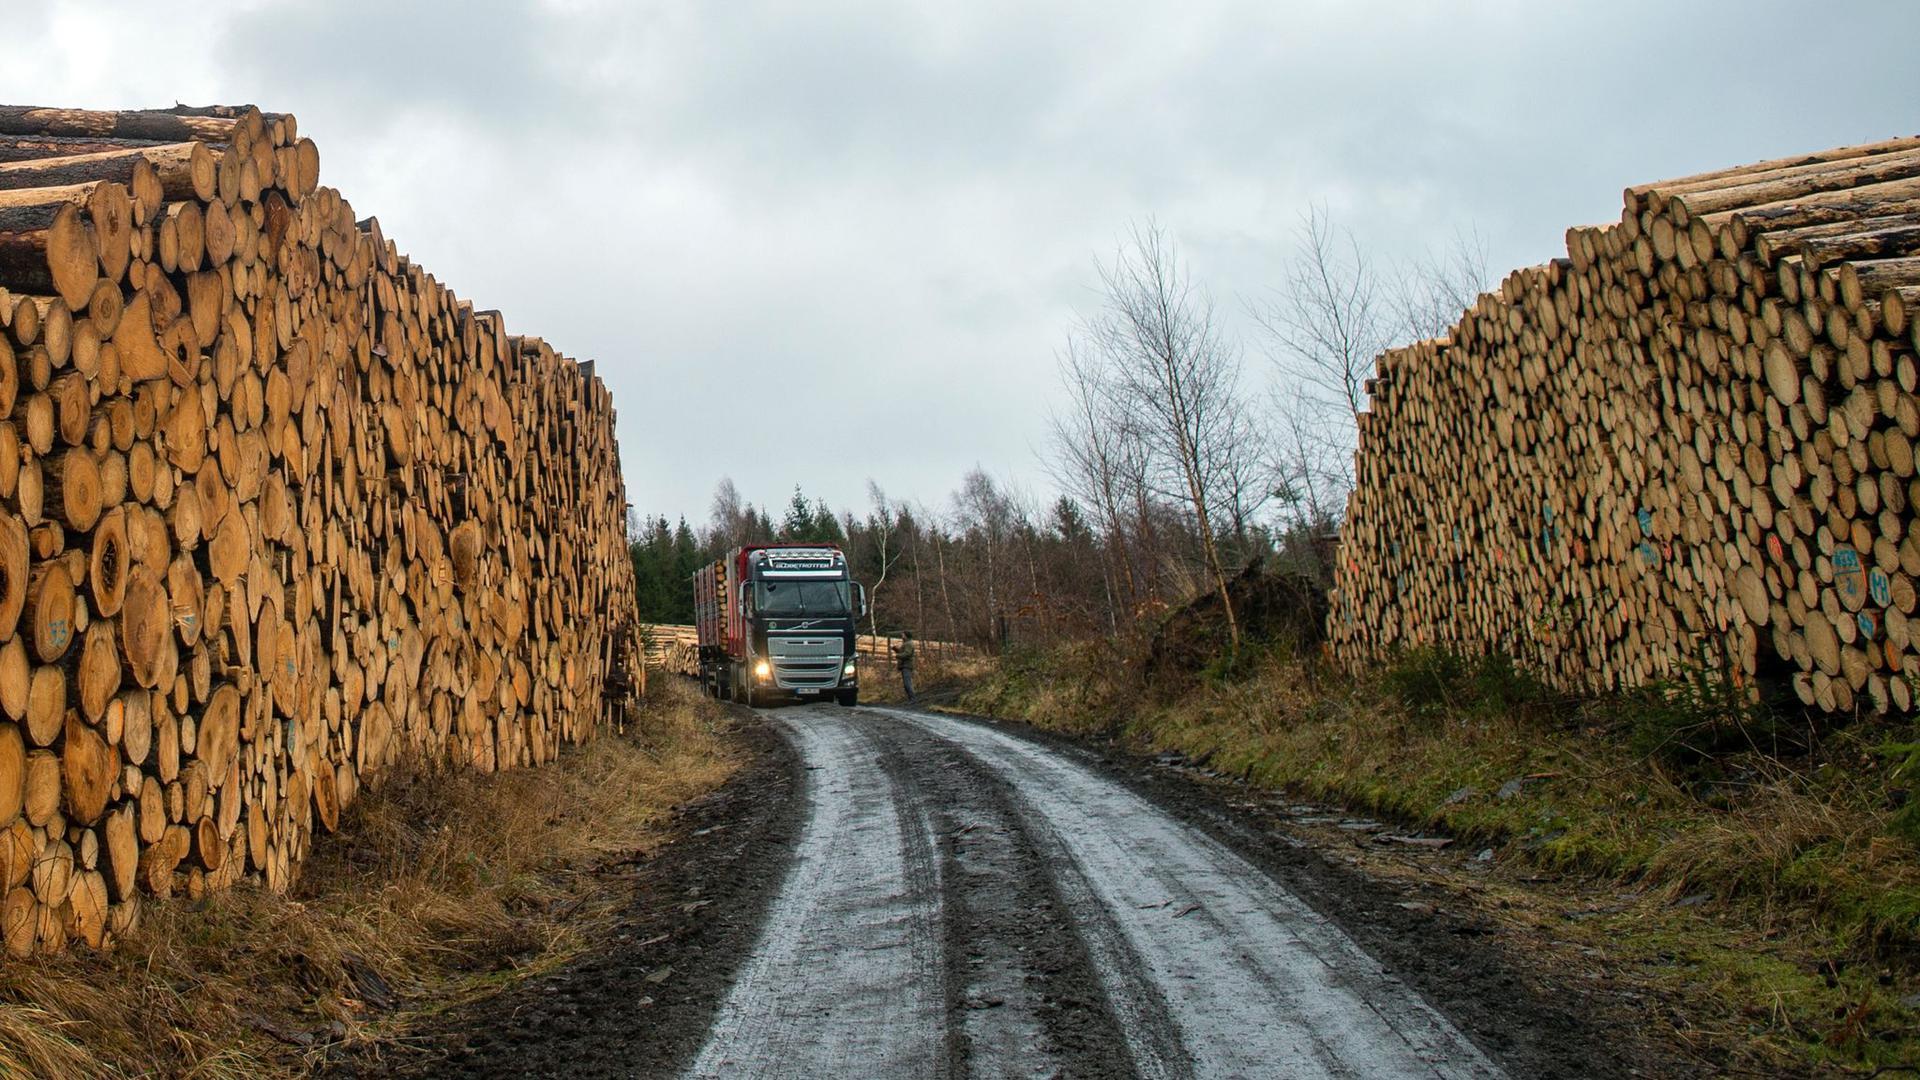 Stämme von Fichten einer gerodeten Waldfläche liegen auf dem Armeleuteberg im Stadtwald in Wernigerode zum Abtransport bereit.